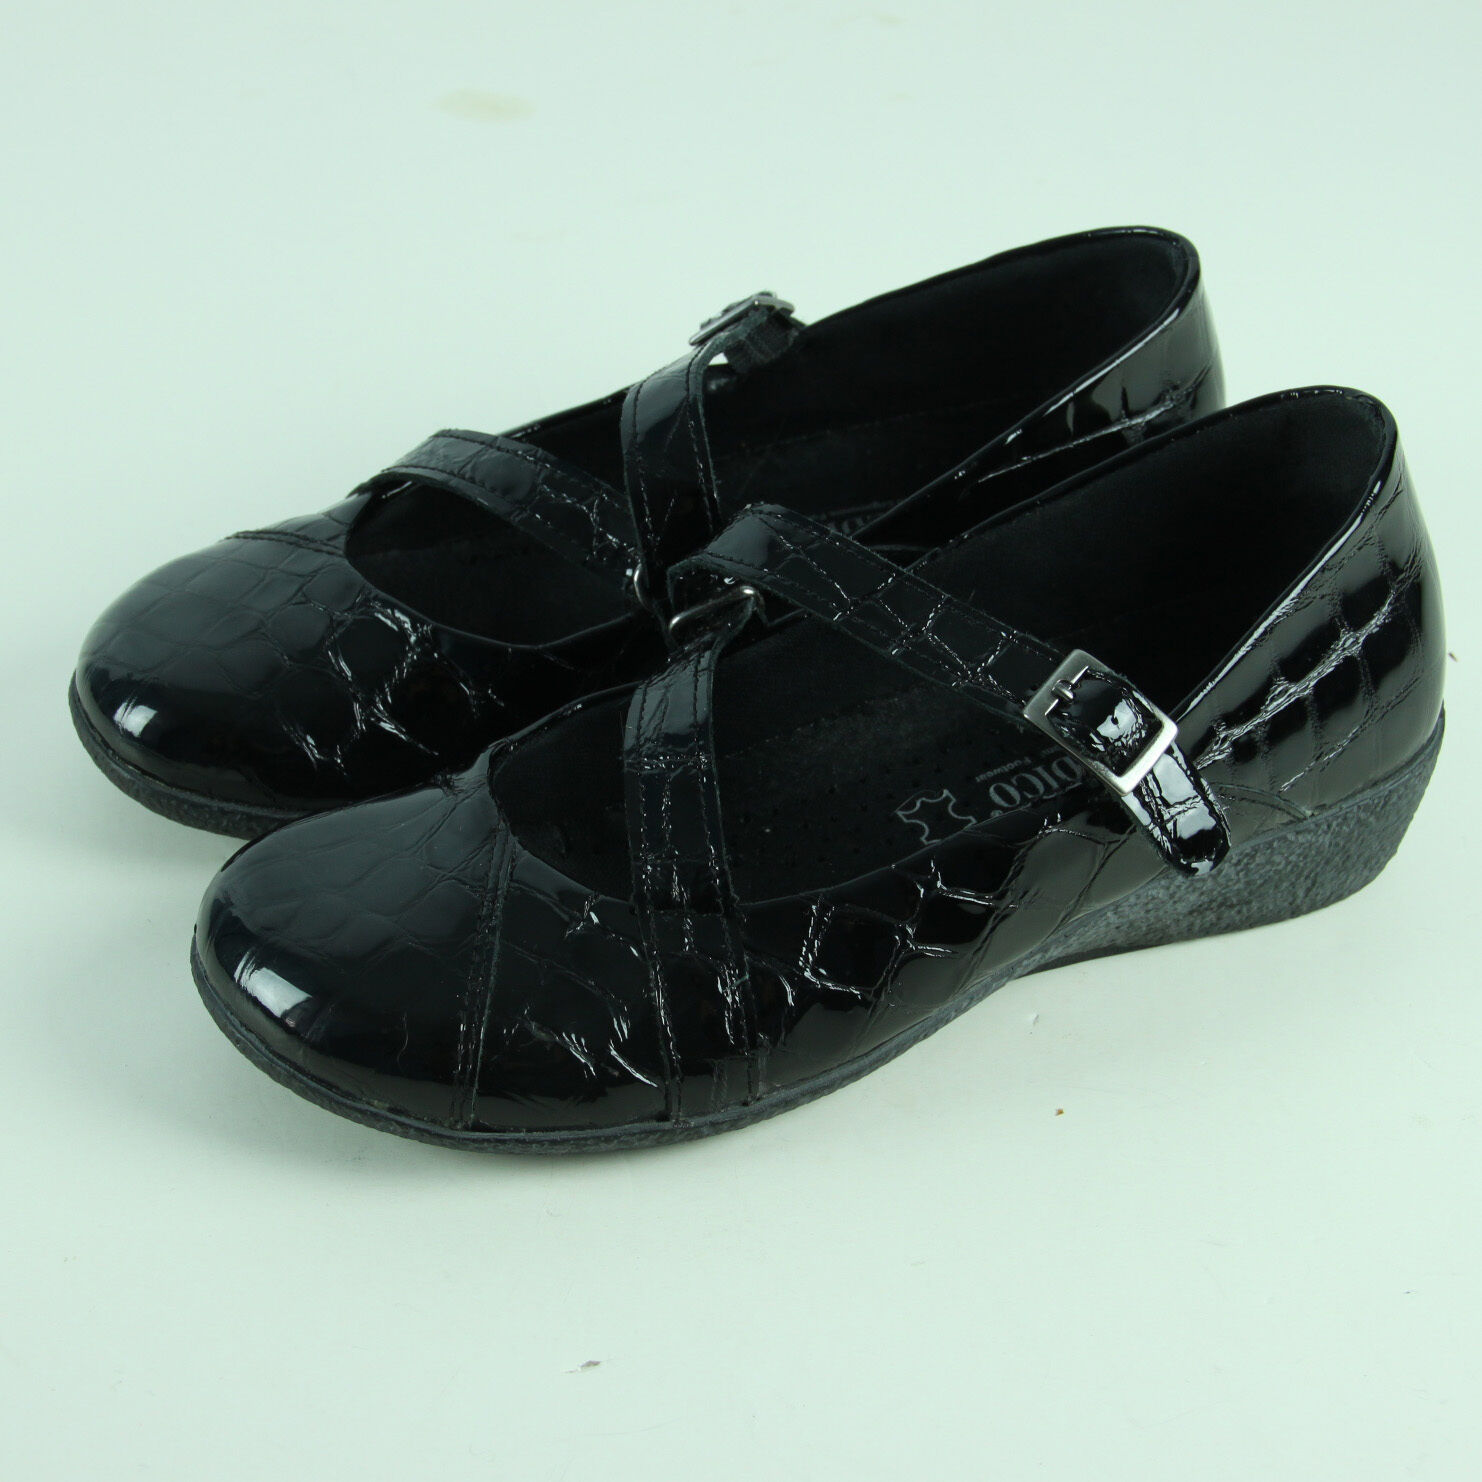 Arcopedico Mary Janes tamaño 37 6.5 Cocodrilo Zapatos Negro Cocodrilo 6.5 patente a'rcopedico cuñas 5b85fb